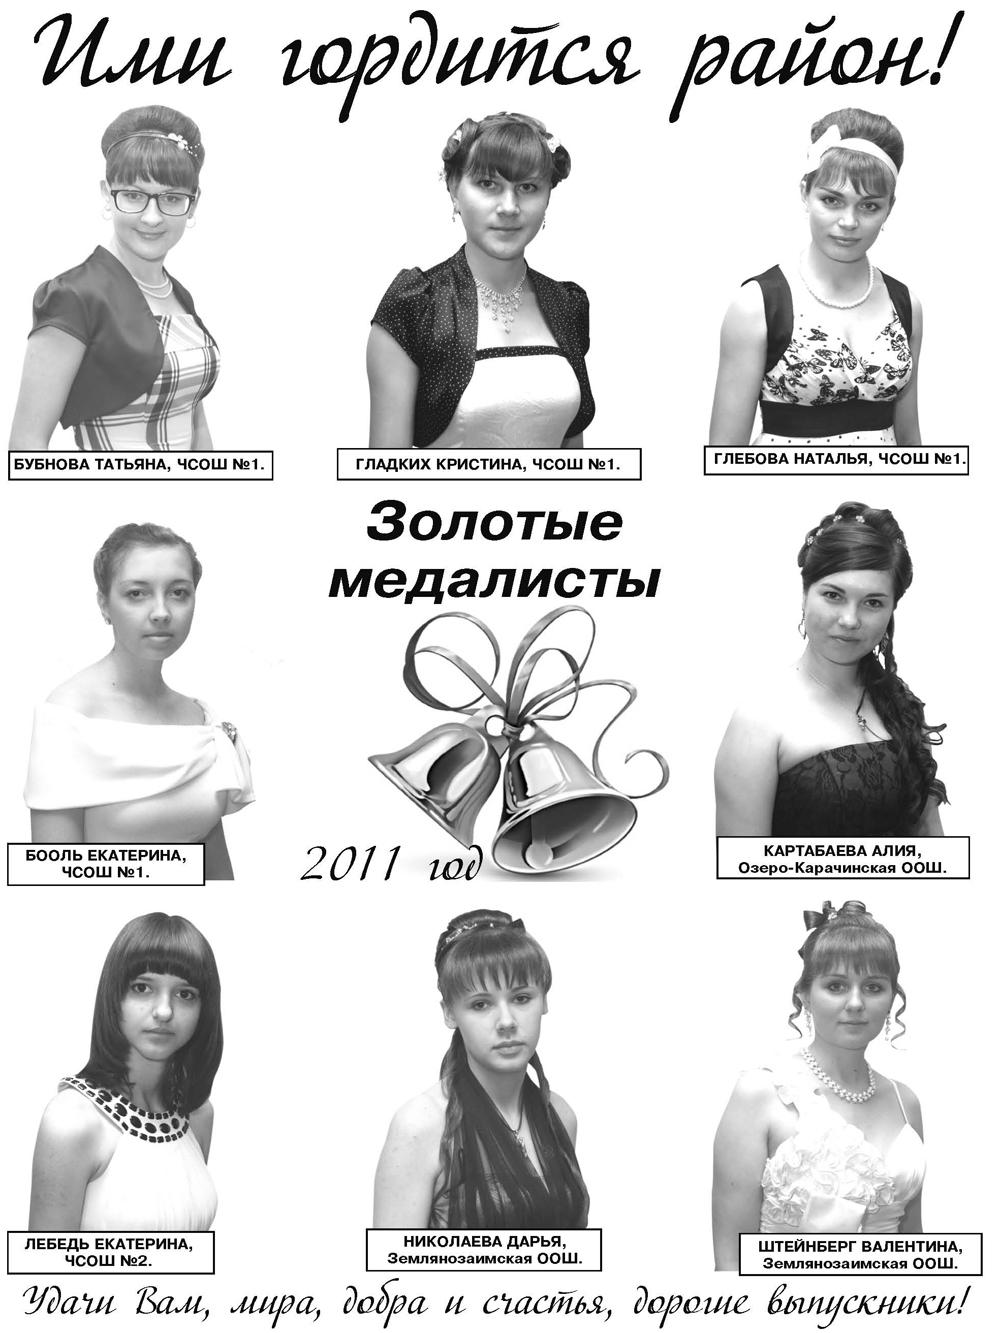 медалисты - 2011